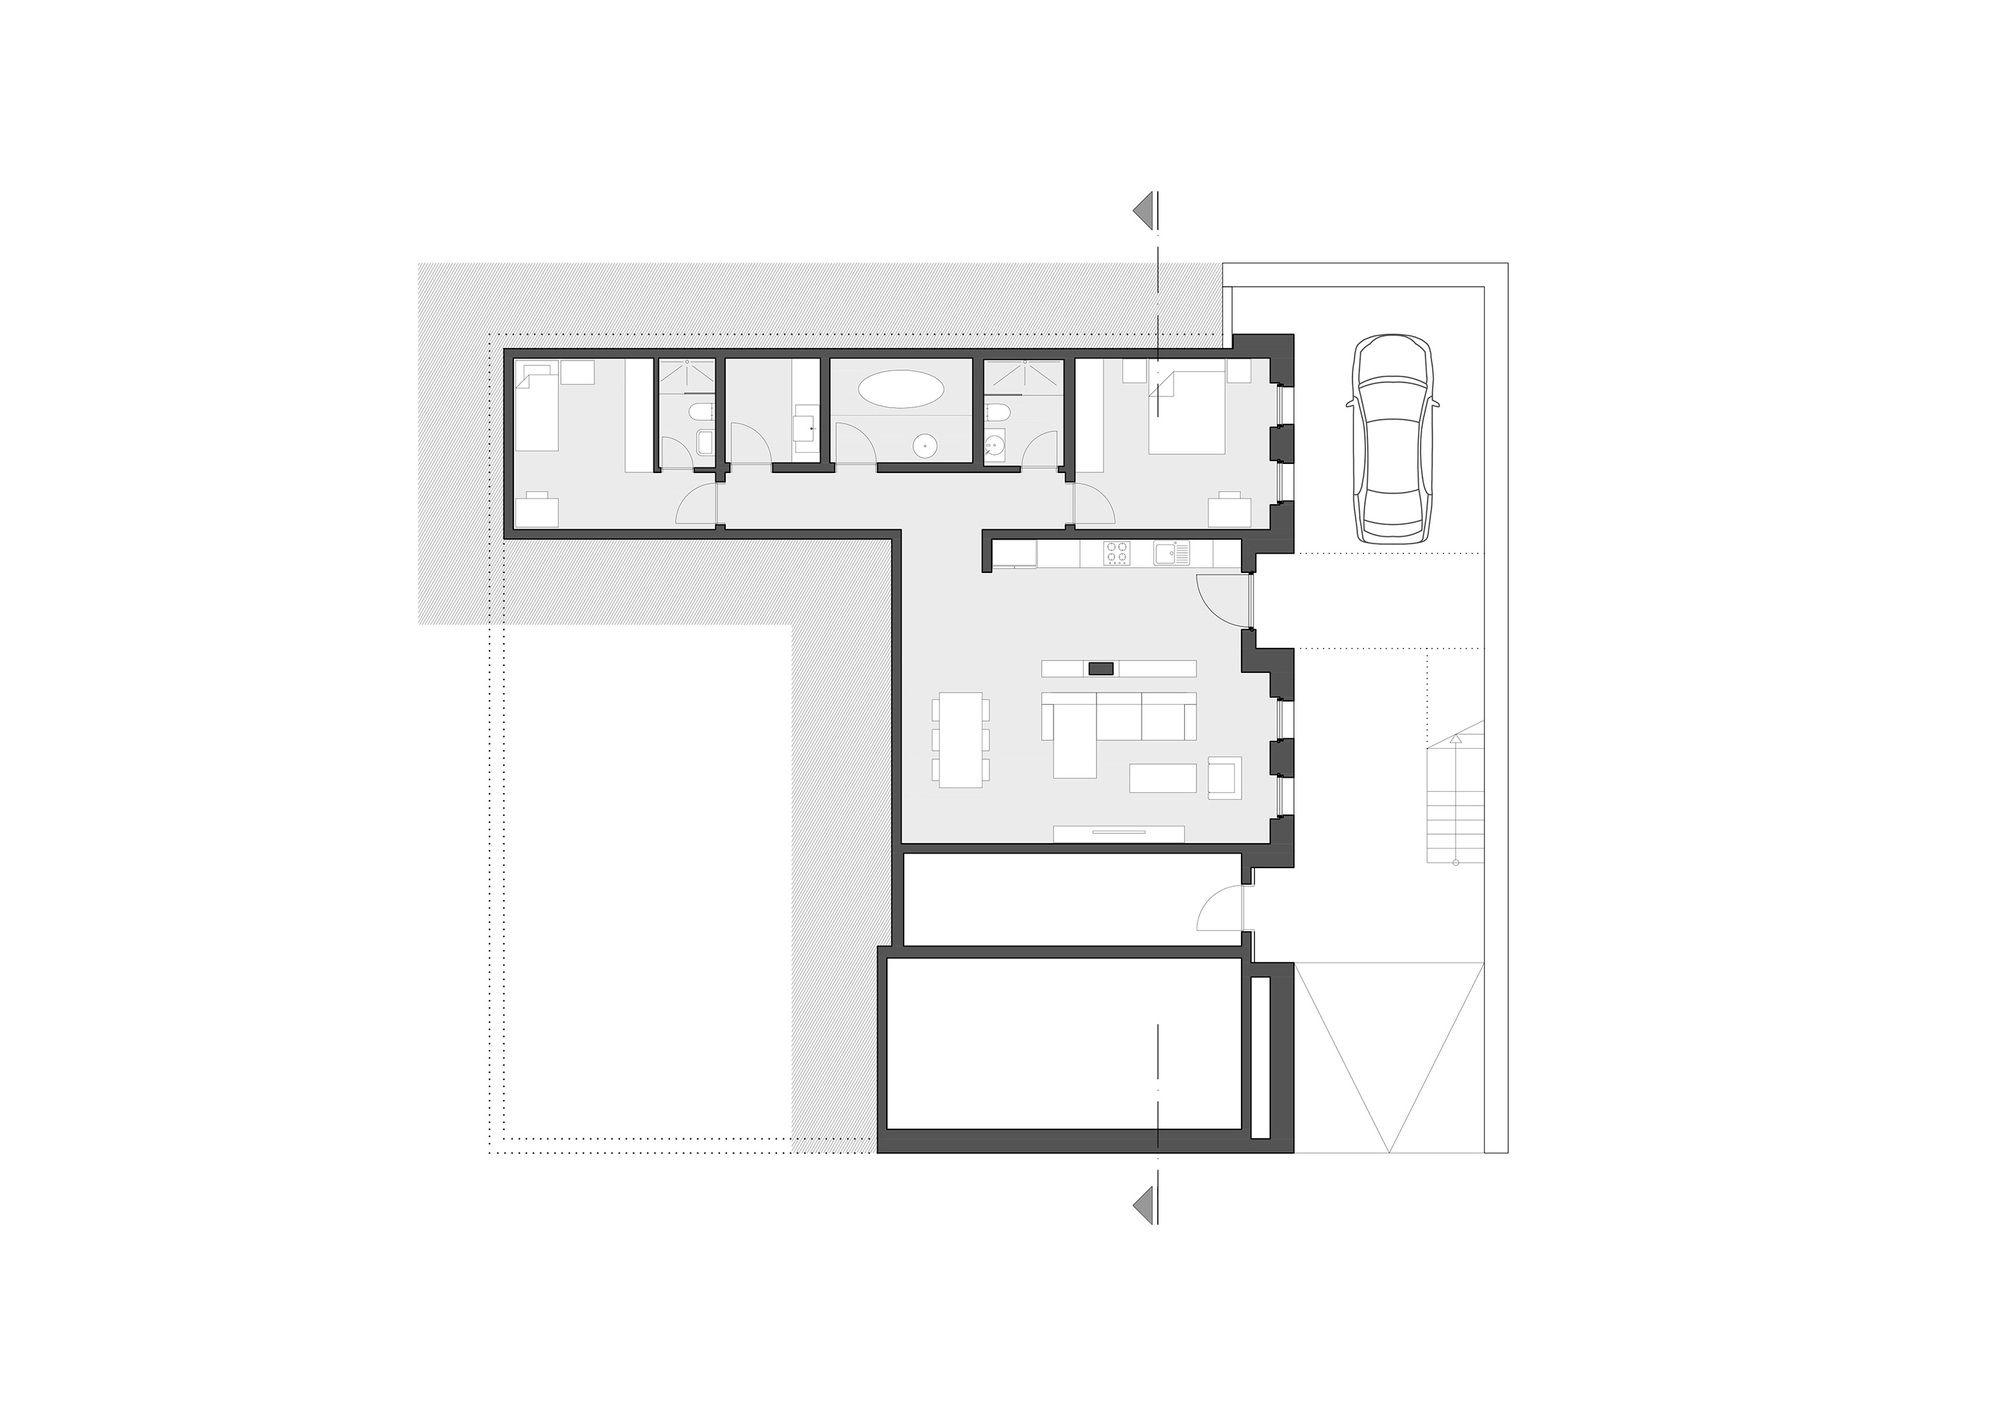 Galeria - Casas Gumus Su / Cirakoglu Architects - 211